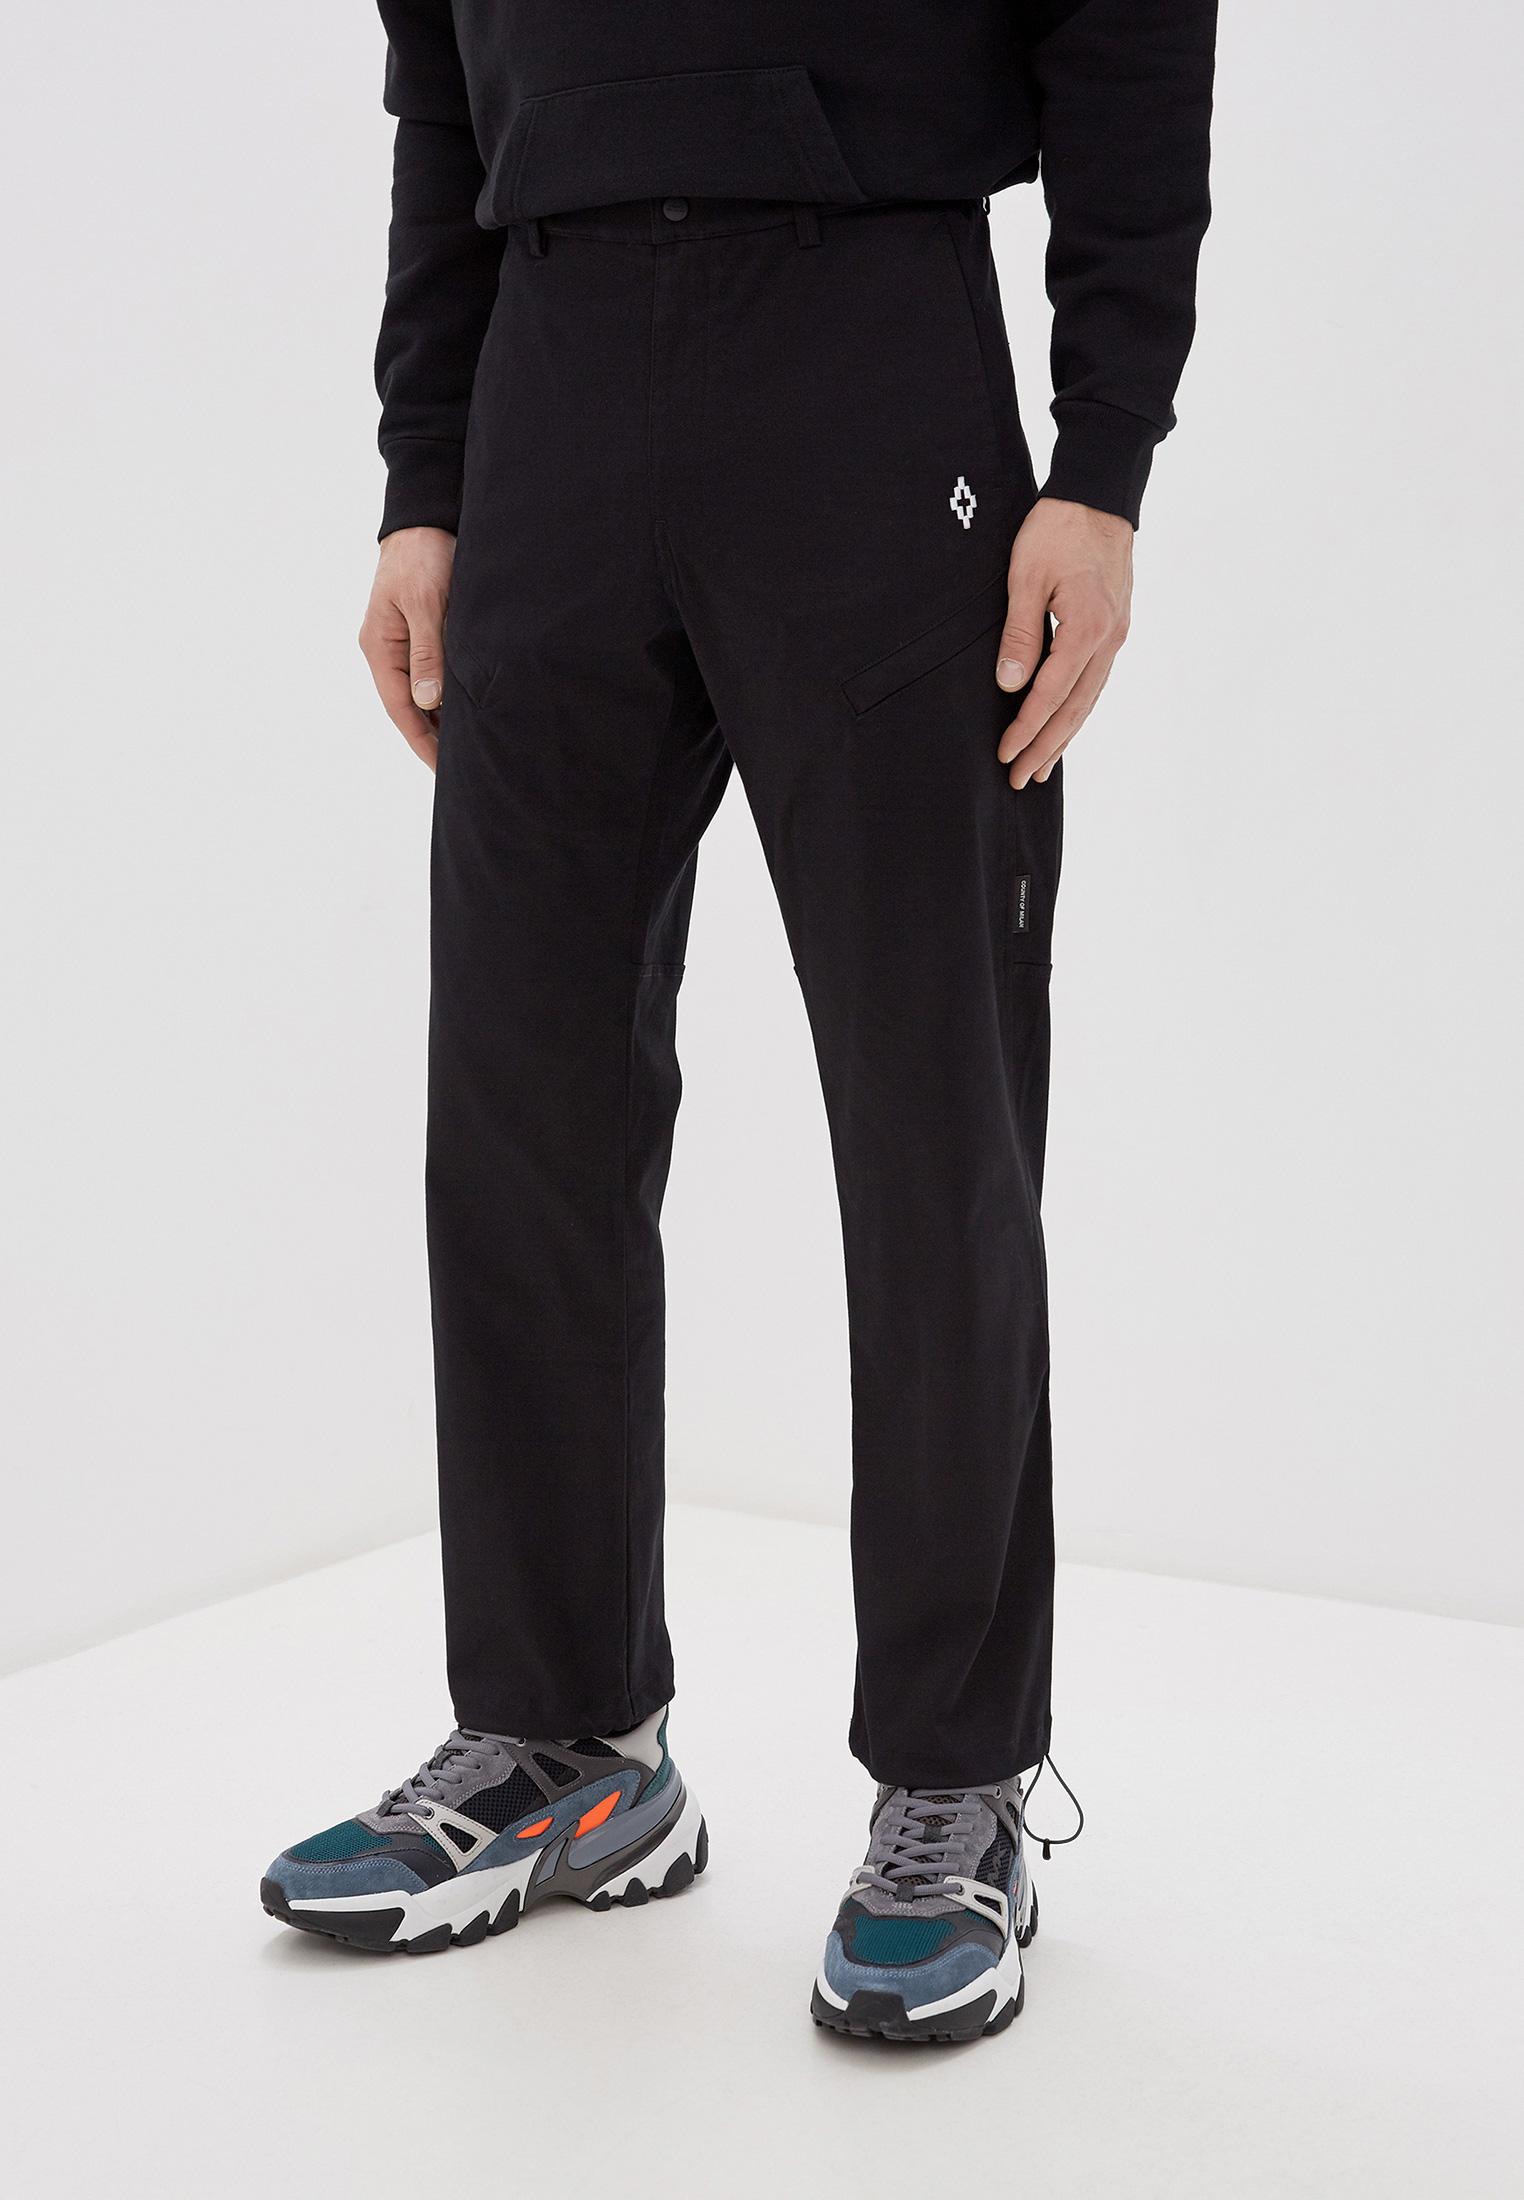 Мужские повседневные брюки Marcelo Burlon. County of Milan CMCA141F19B03012